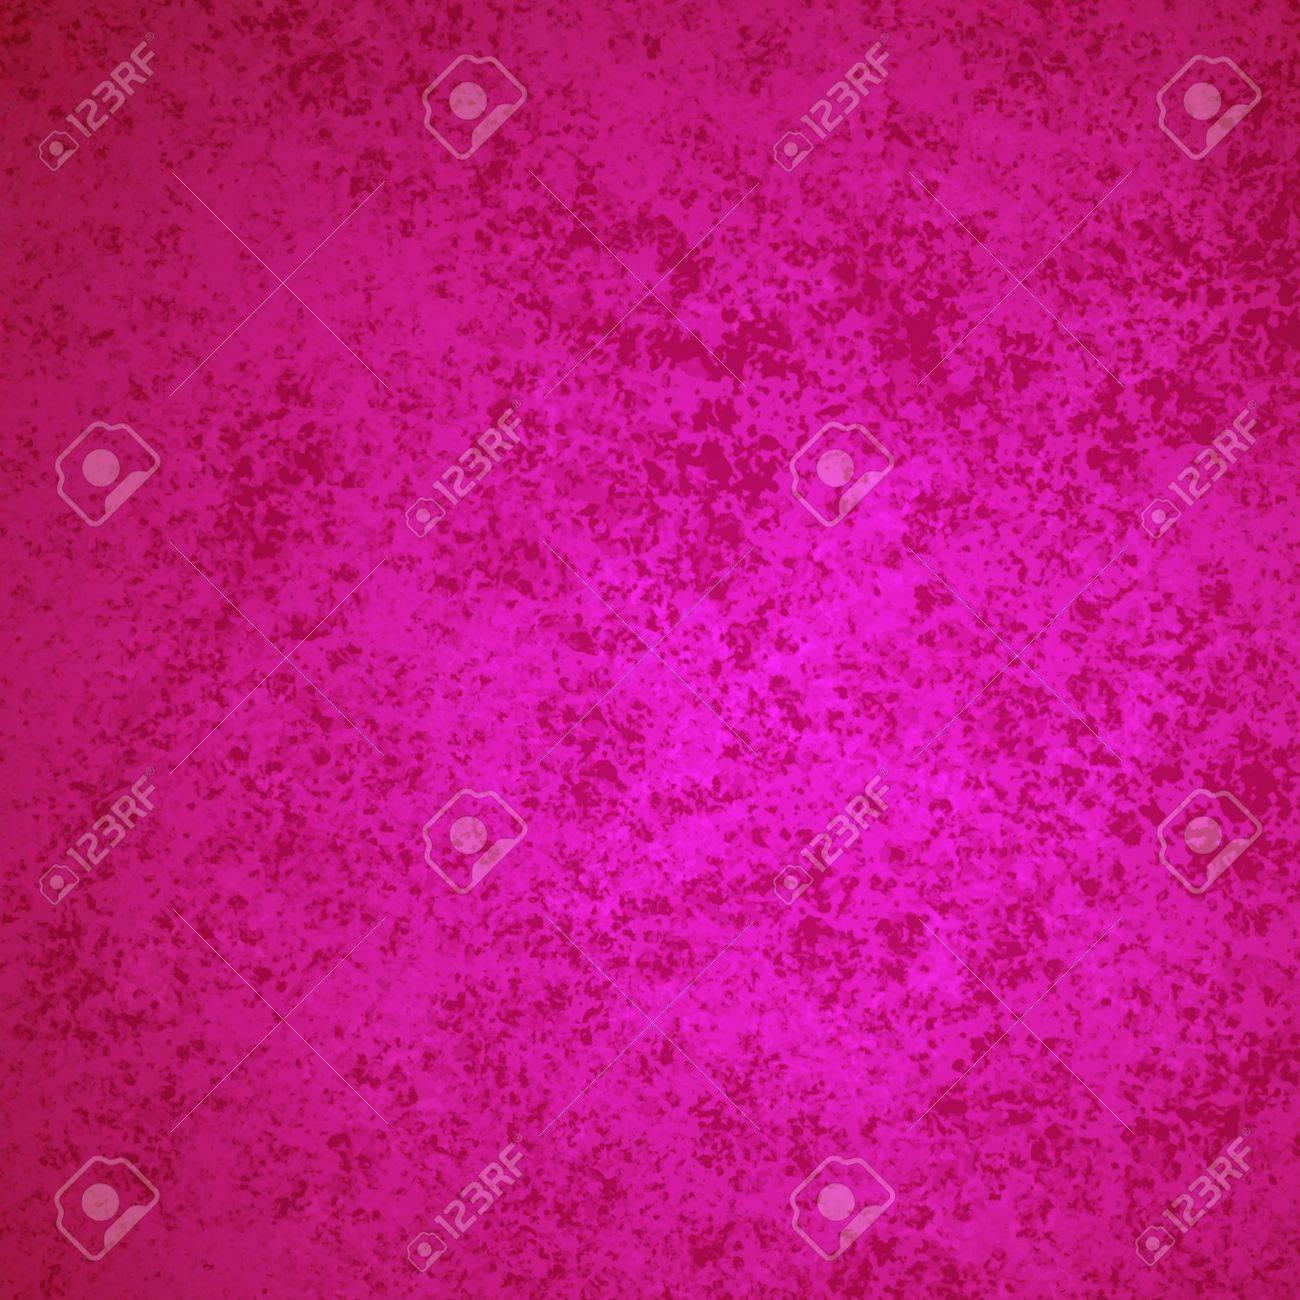 Fondo Abstracto De Color Rosa Con Una Esponja Diseño Grunge Textura ...